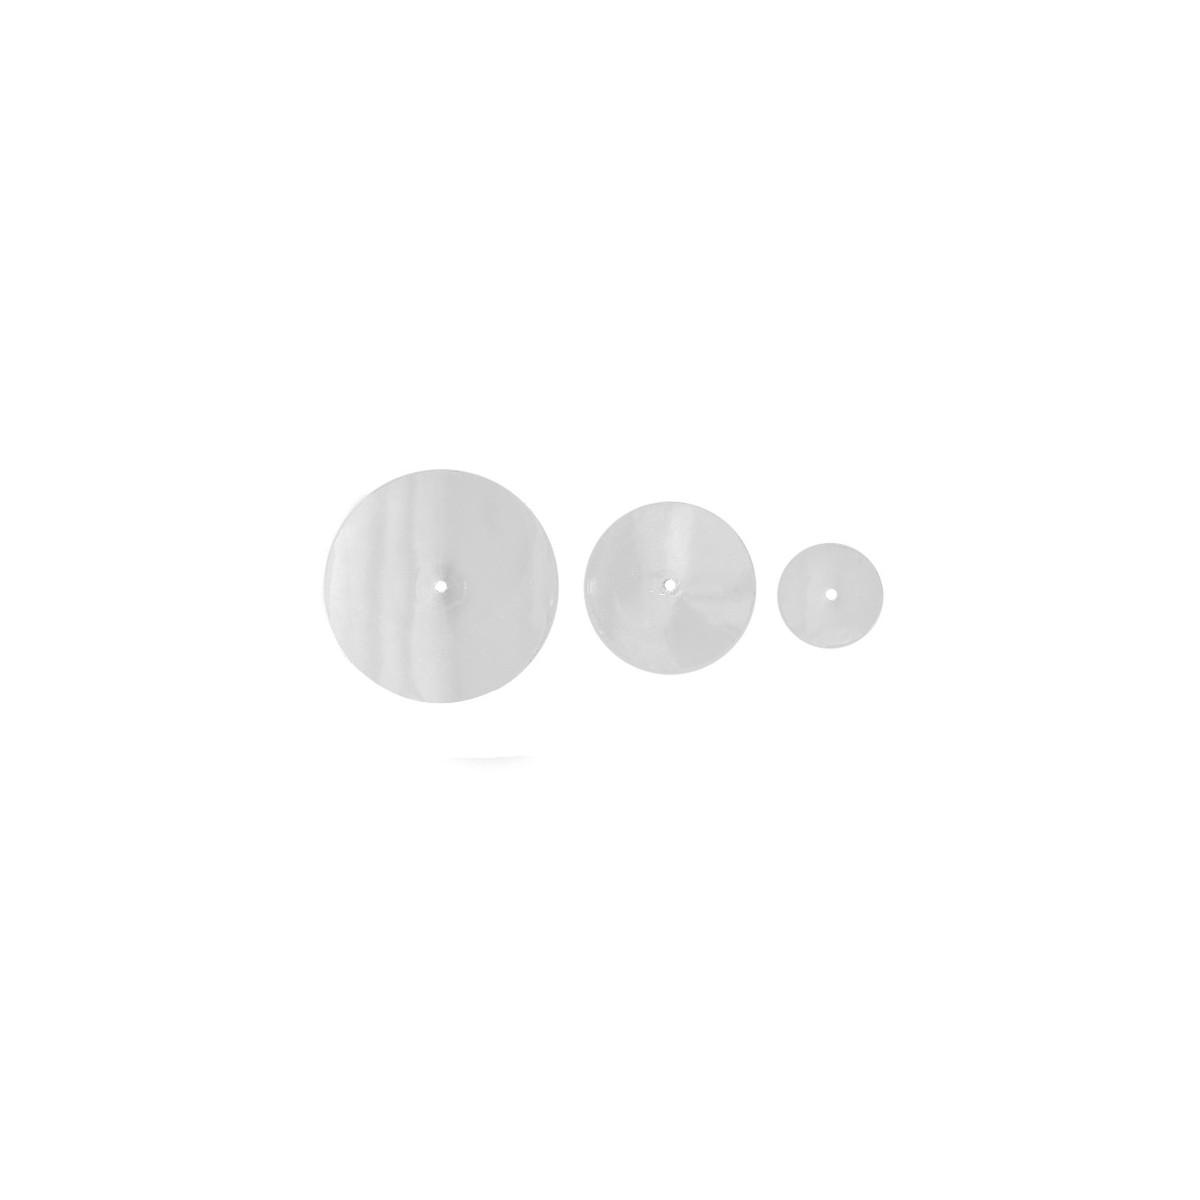 Pack de 3 Discos Blancos para Colgante Construct